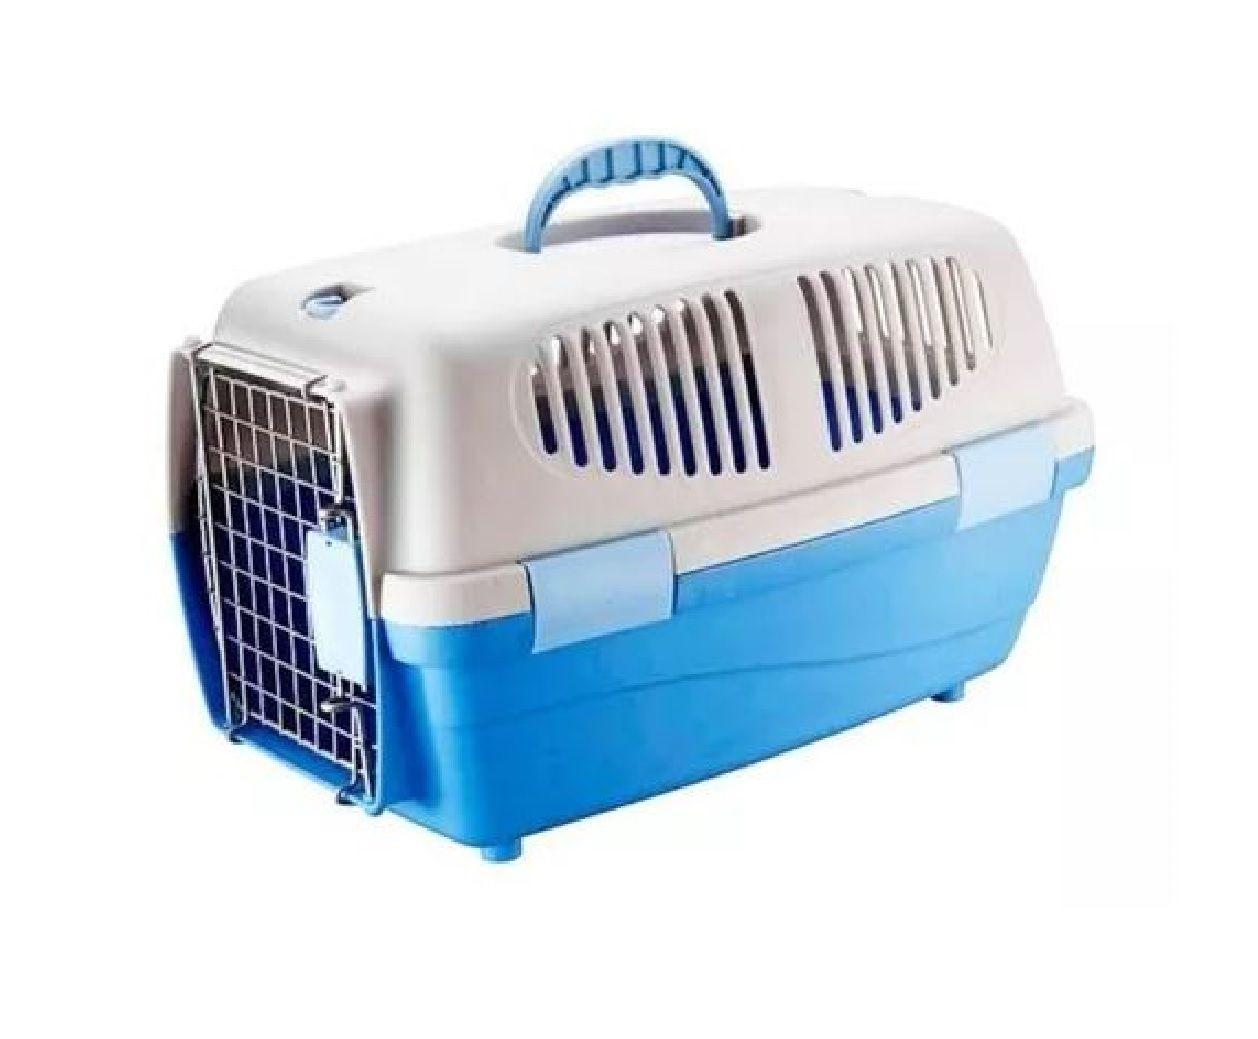 Caixa de Transporte Gulliver - N2 - Azul